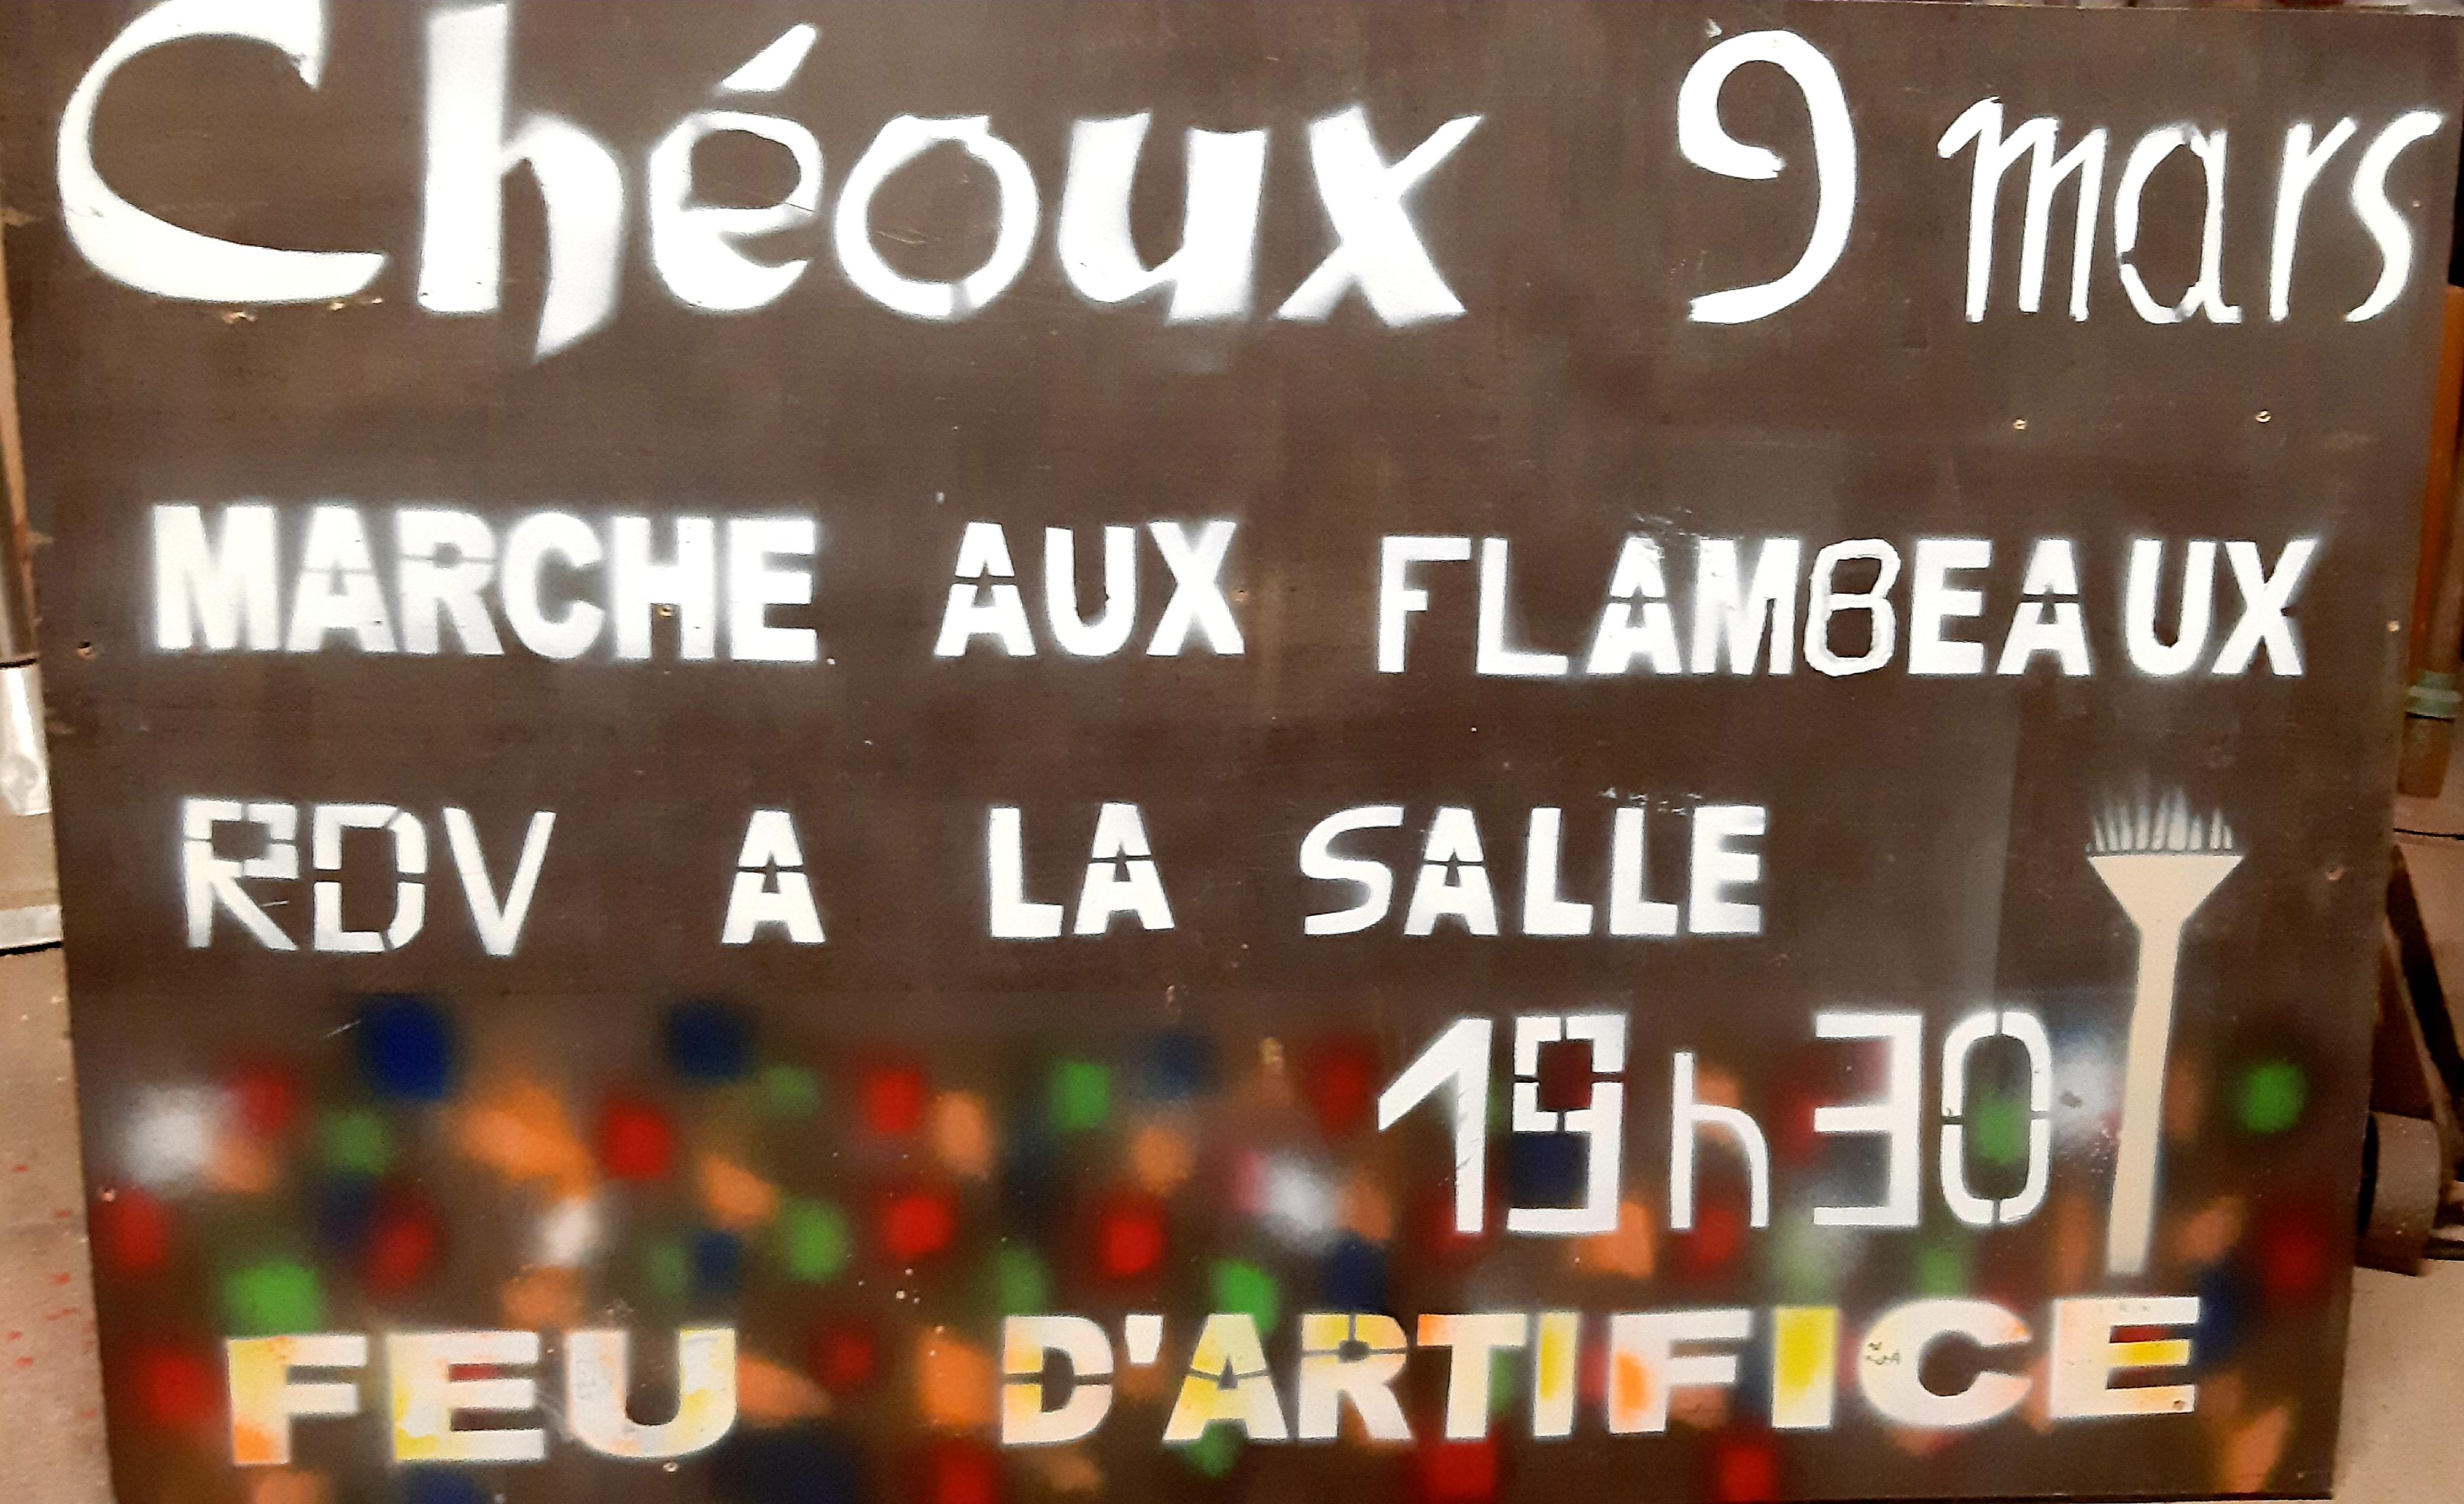 marche.aux.flambeaux.cheoux.09.03.19